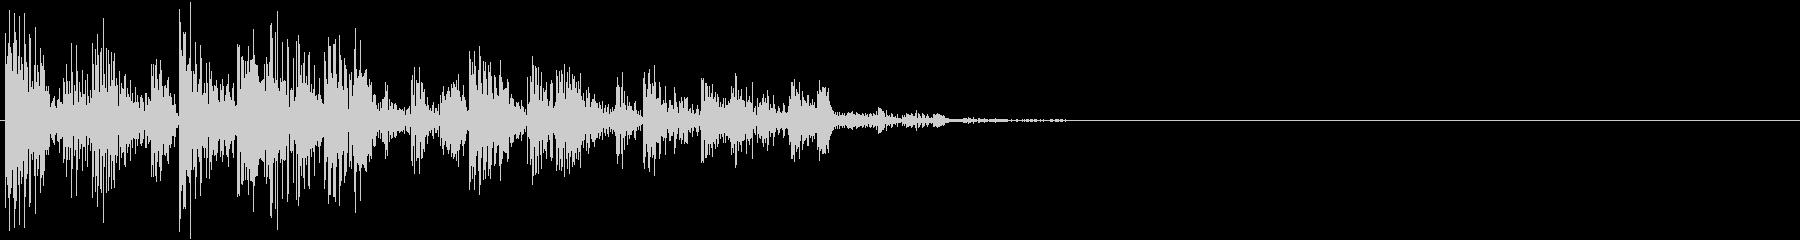 ブンブンチャチャワワン…(アイキャッチ)の未再生の波形